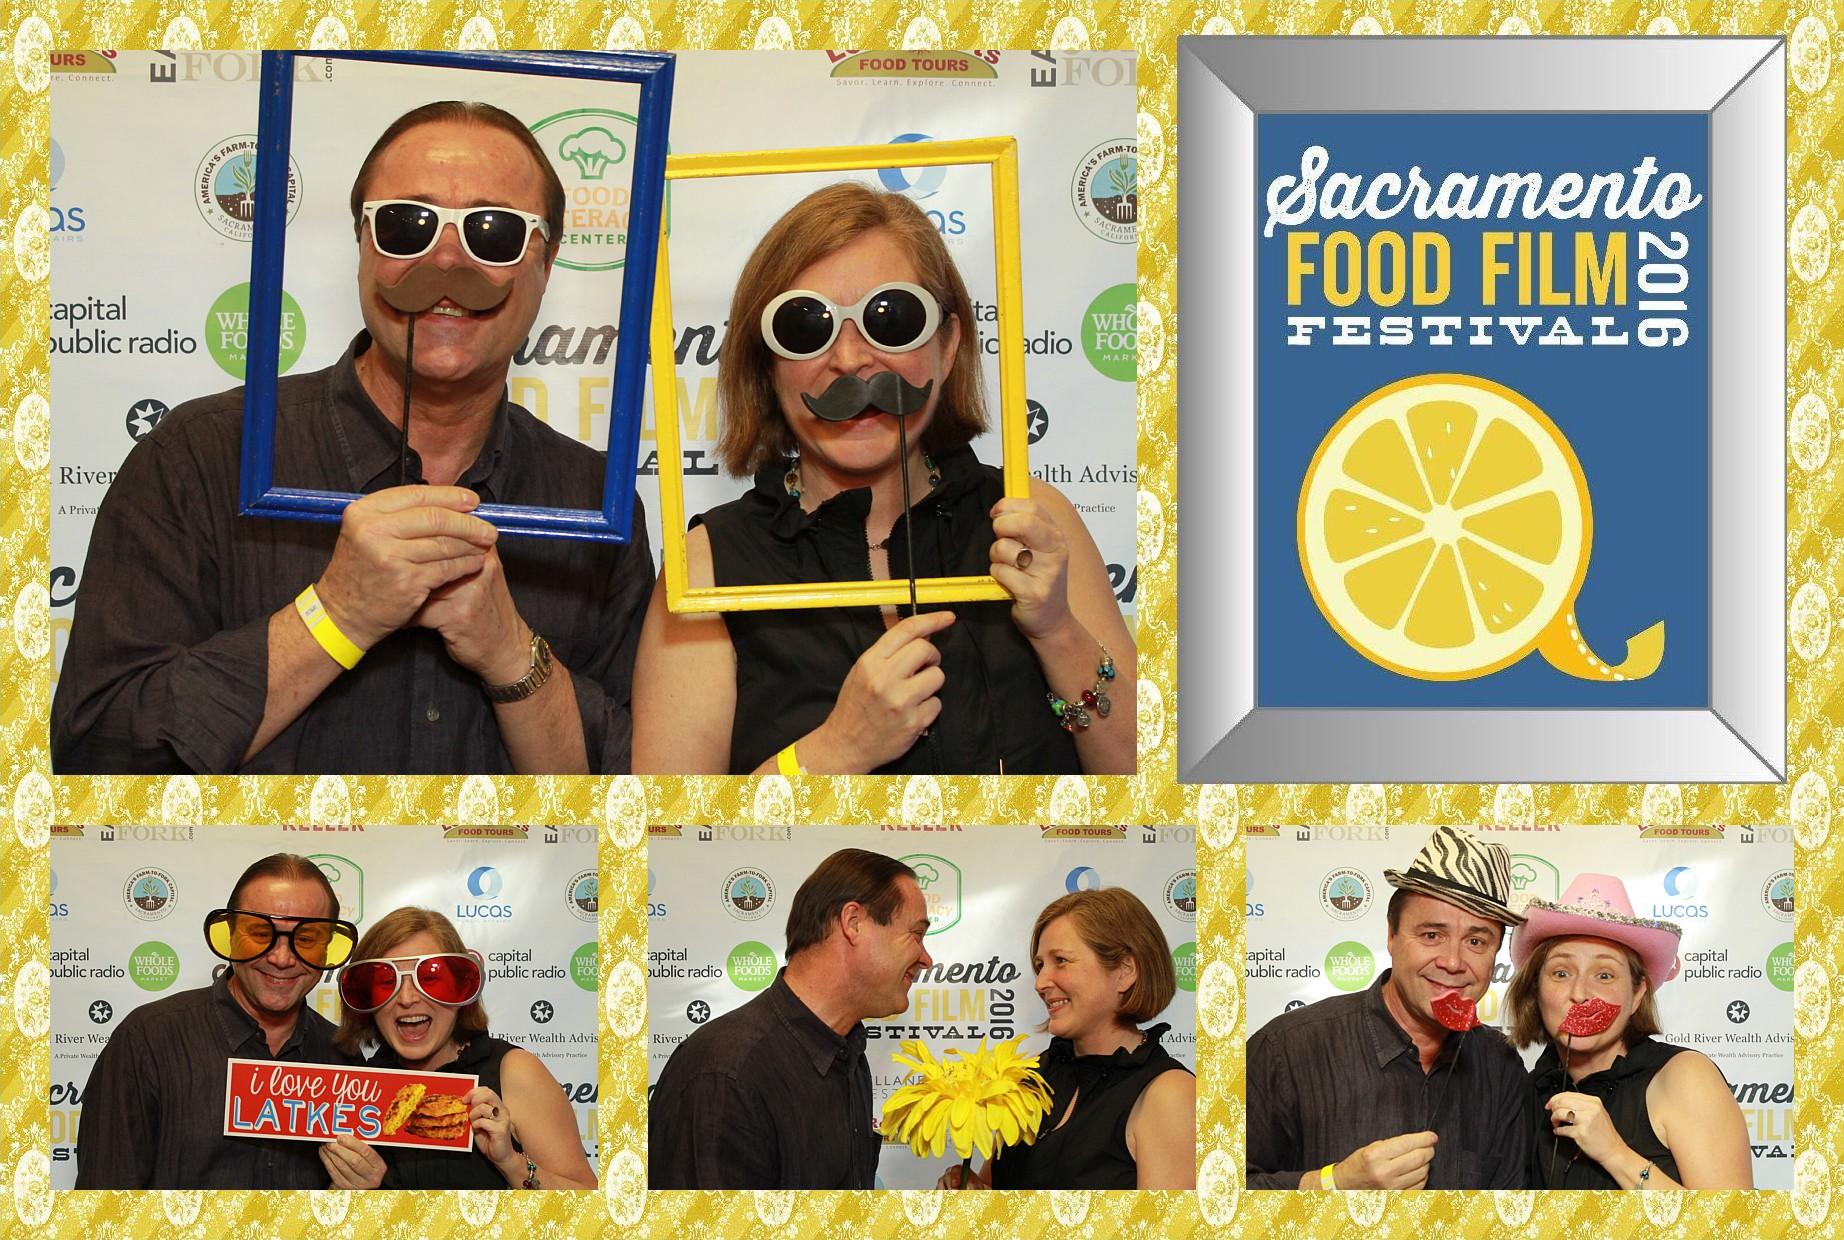 Sacramento Food Film Festival 2016